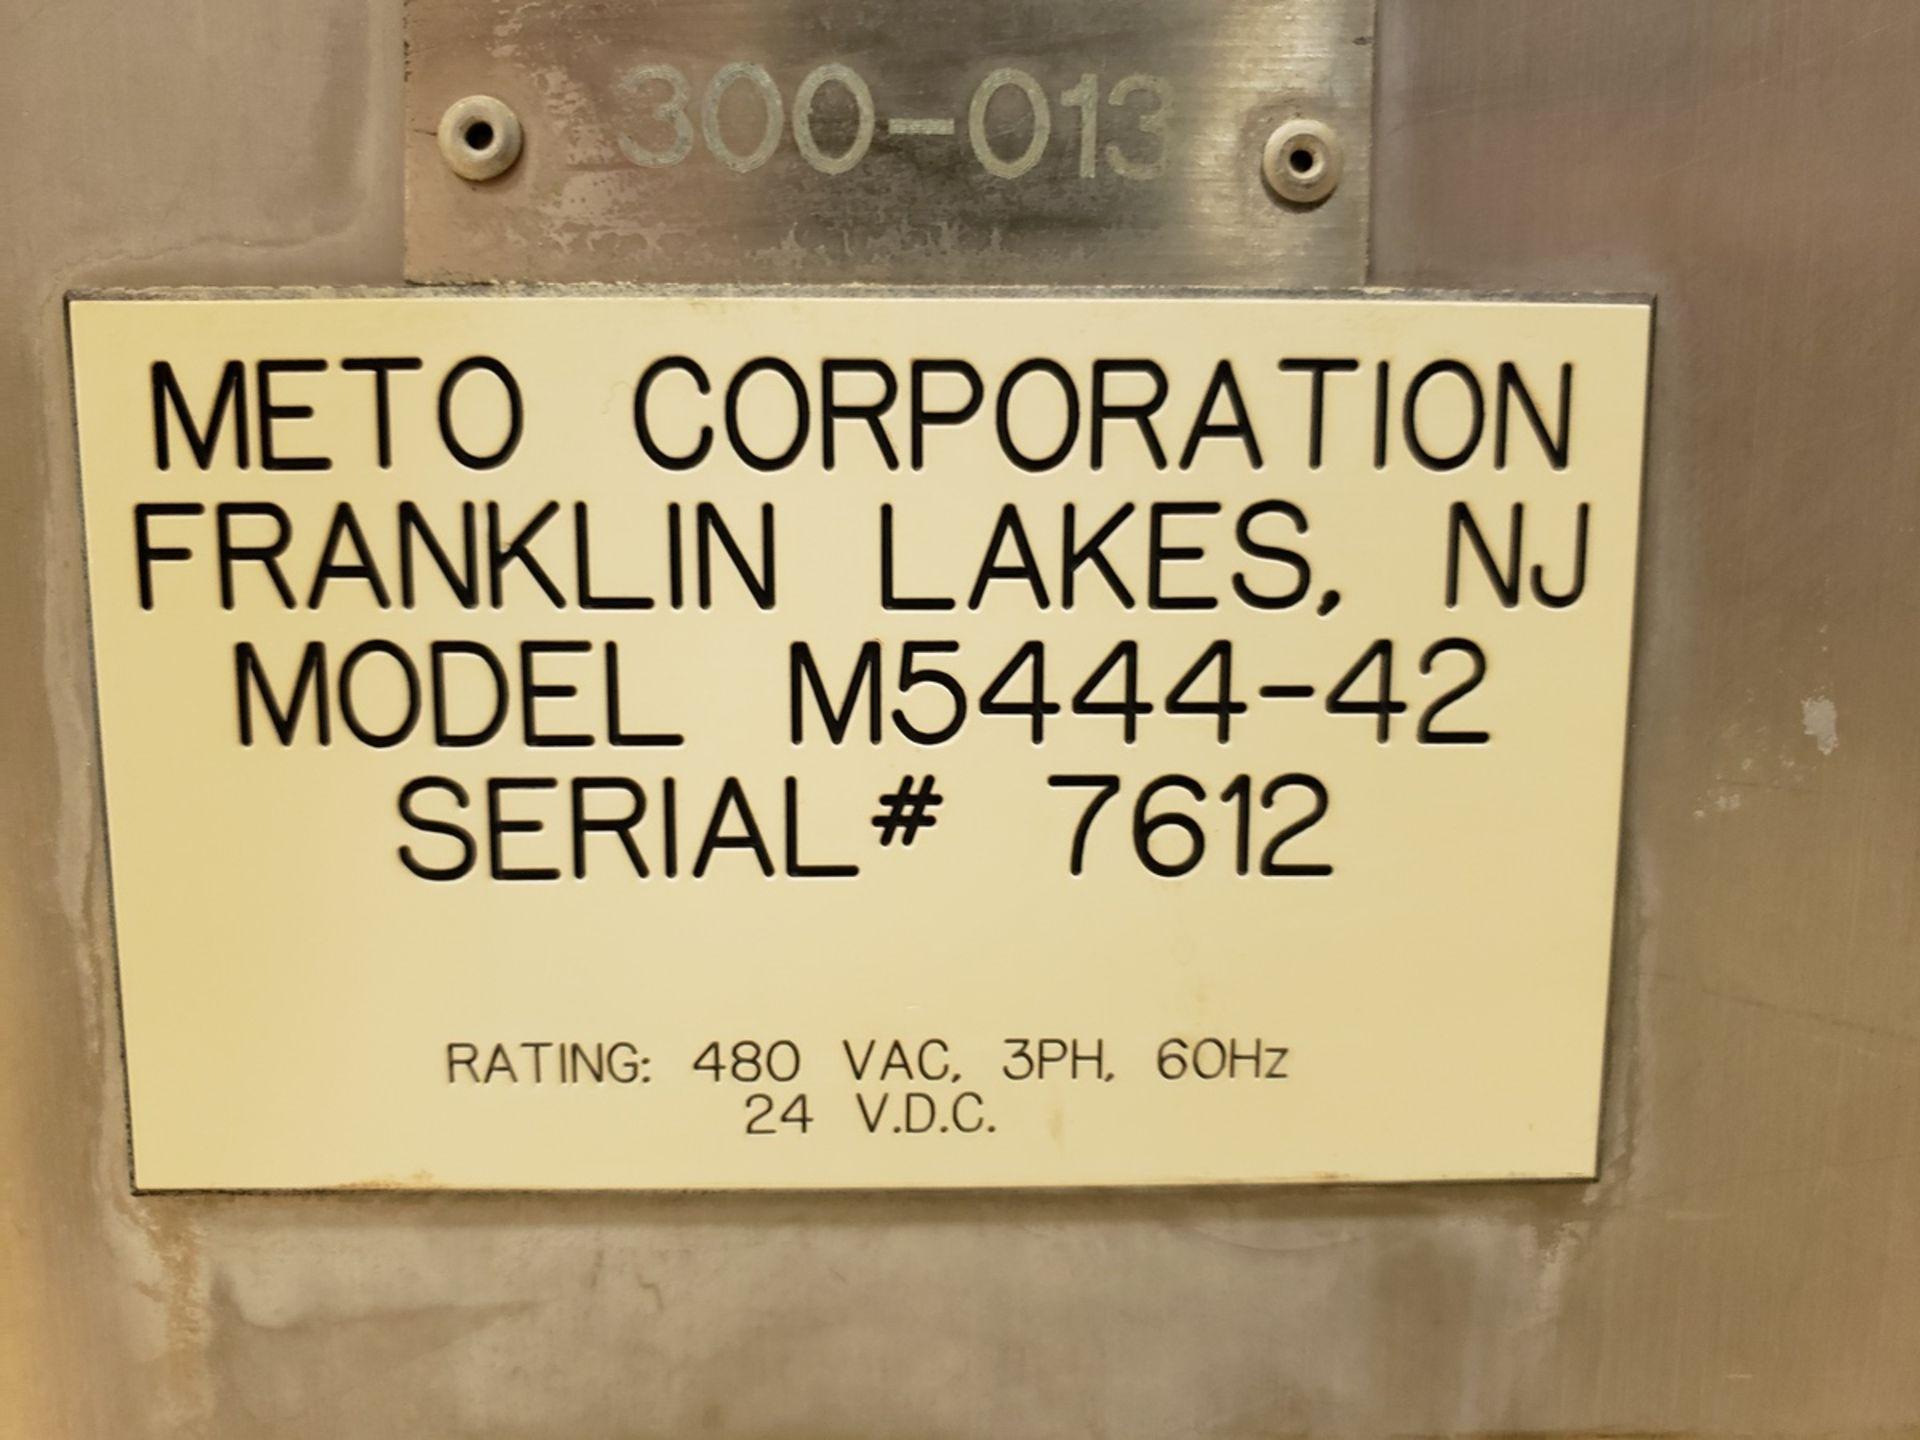 Lot 10 - Meto 2,000 lb. Rotating Trough Lift/Dump Tower, M# M5444-42, S/N 7612, Al - Loc: NJ | Rig Fee: $2500